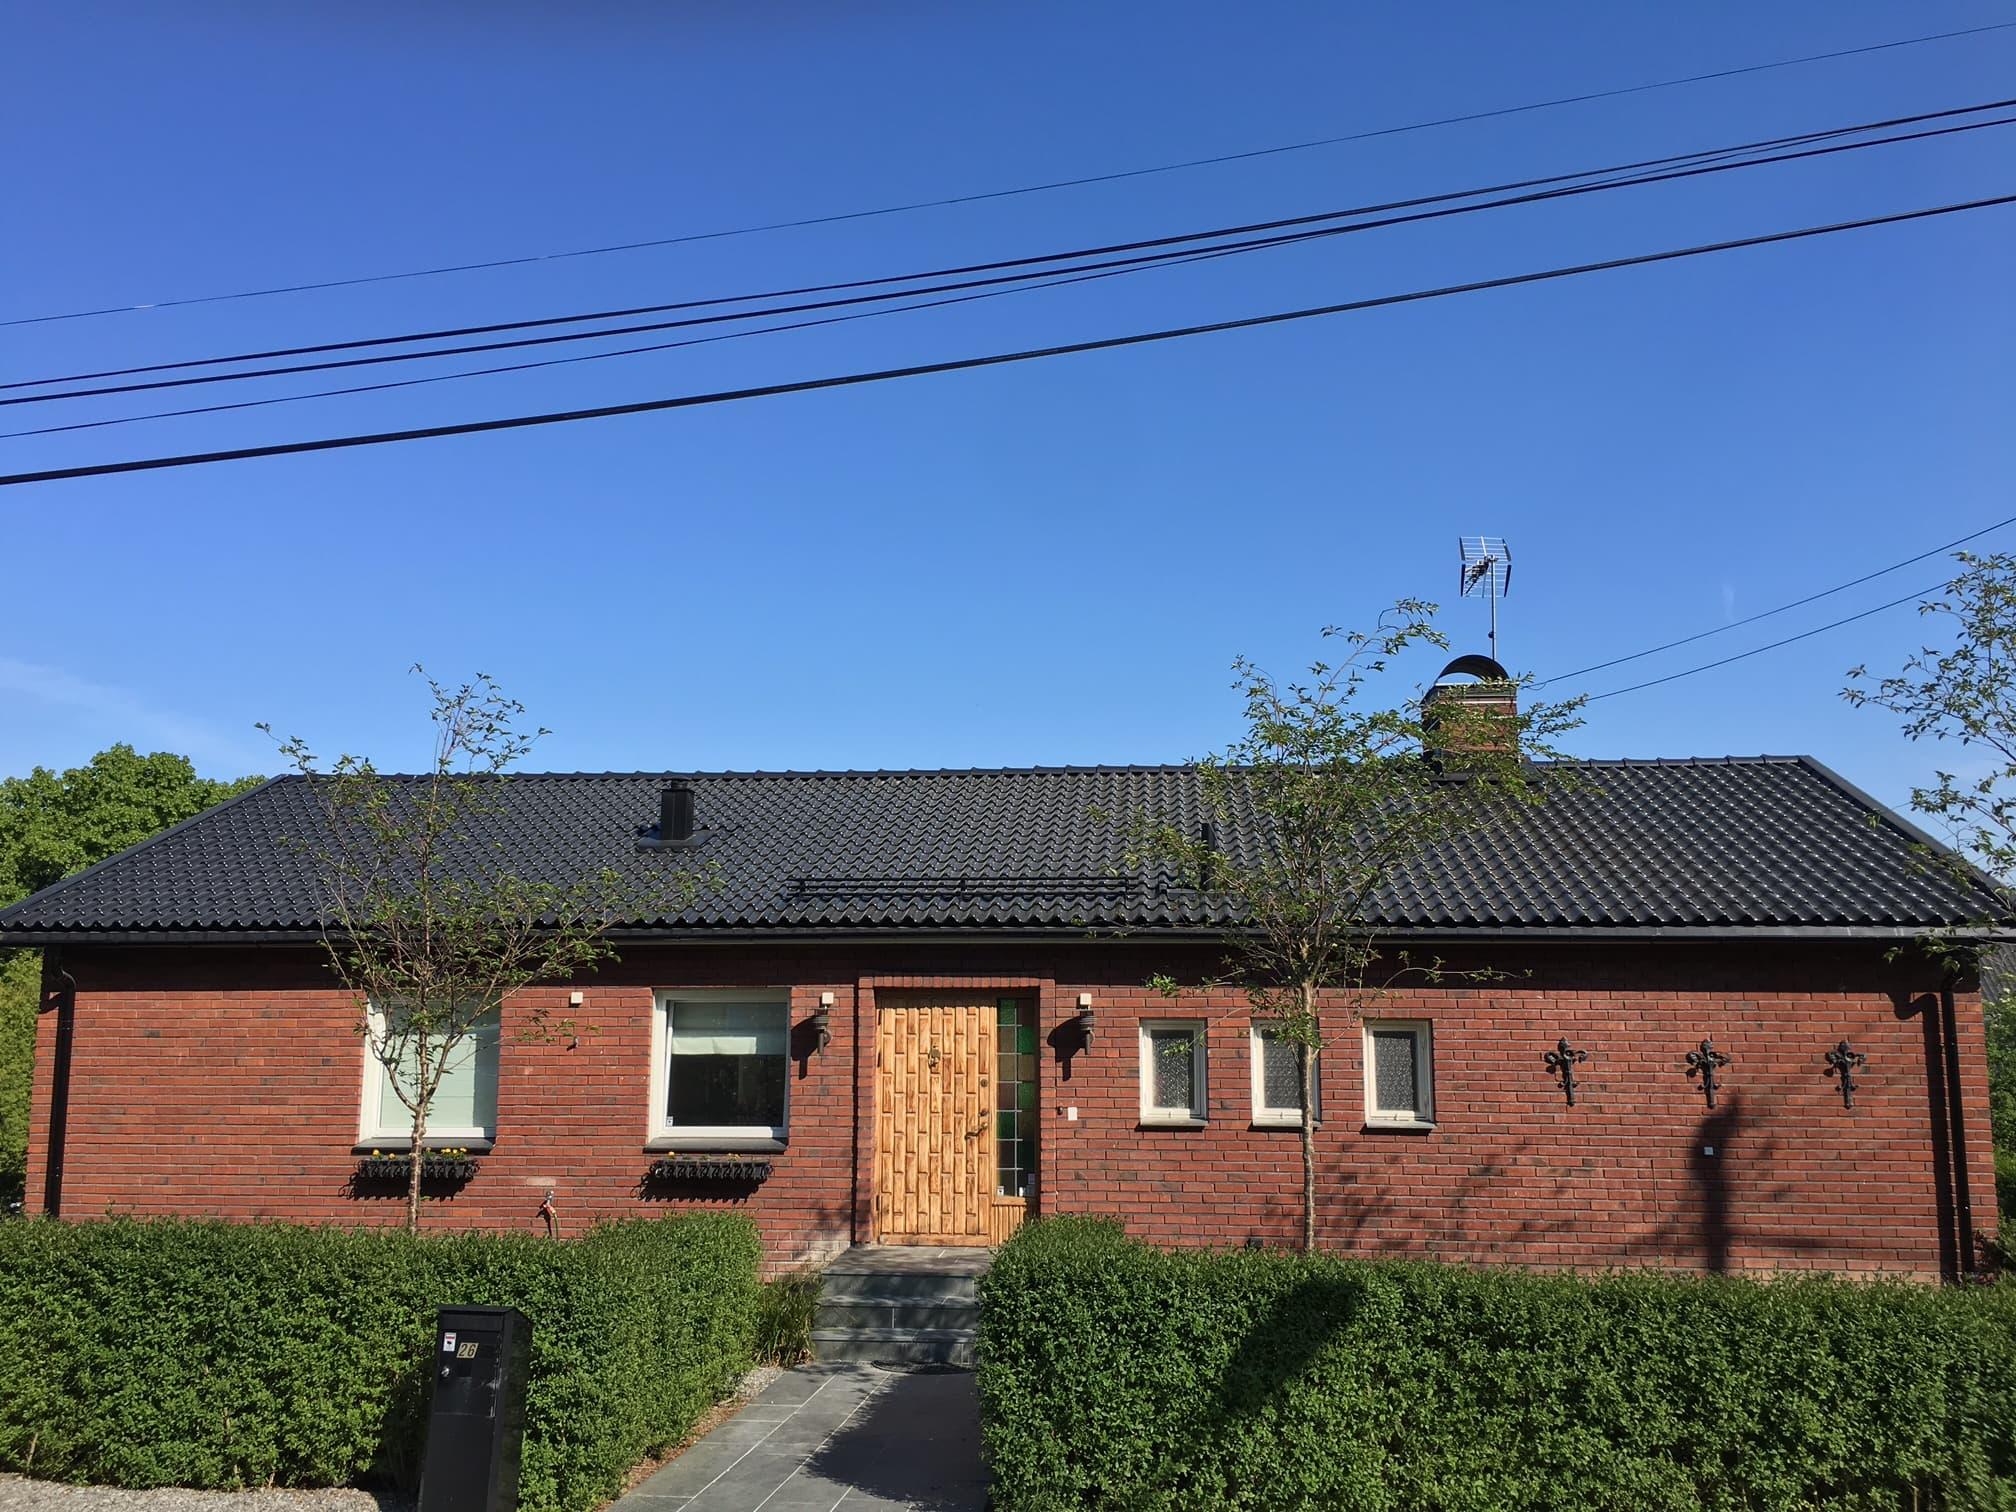 Vi är takläggare i Stockholm med lång erfarenhet inom takläggning, takrenovering och fasadrenovering i Stockholm.